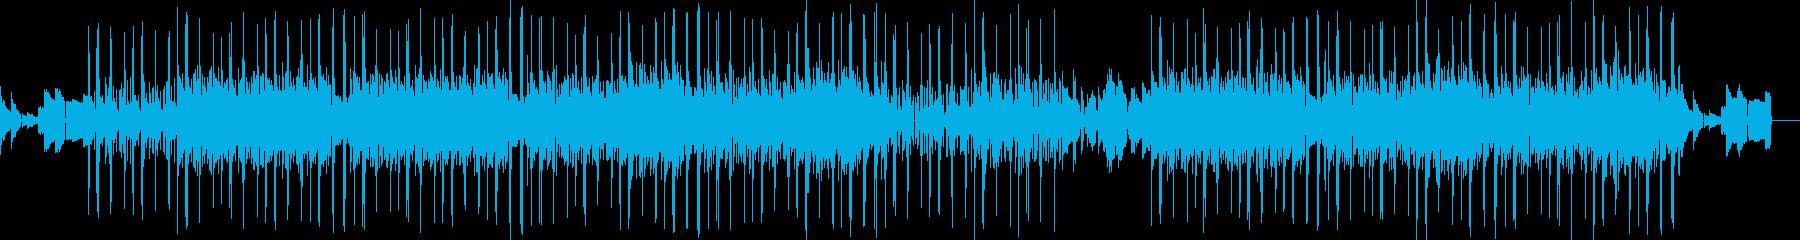 エレピに3本のメロディーが絡むチルホップの再生済みの波形